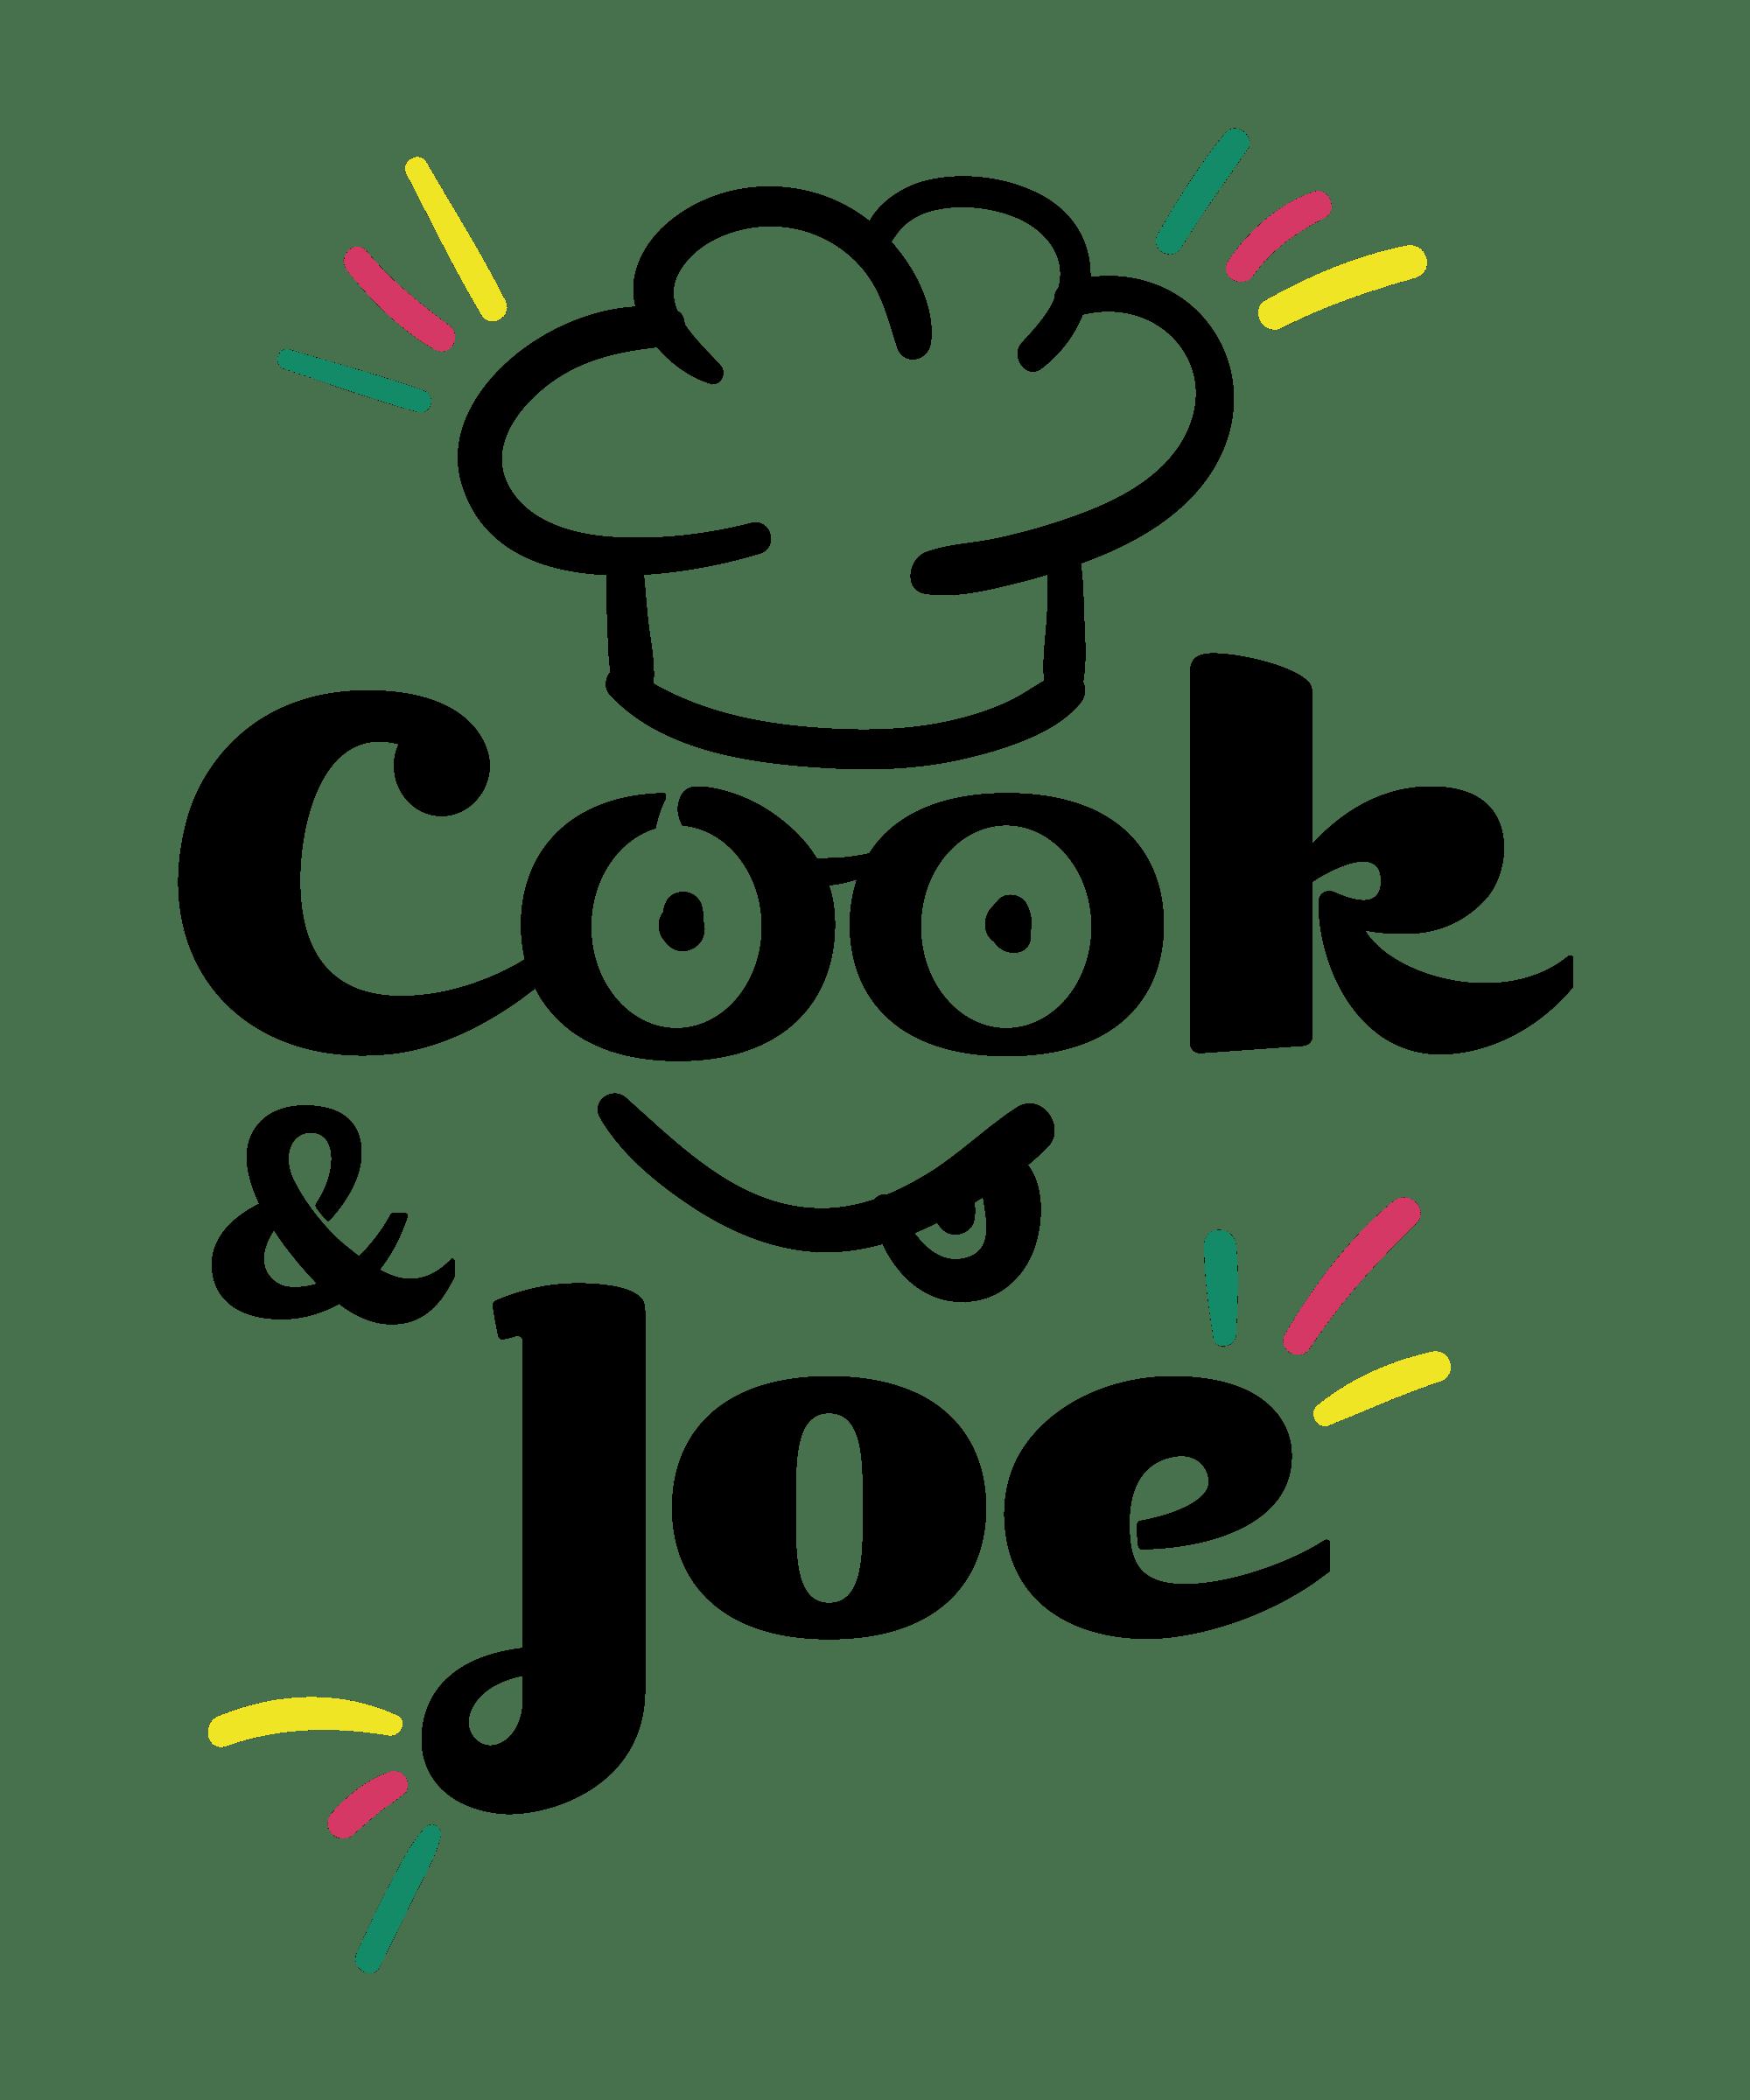 Logo Cook & Joe